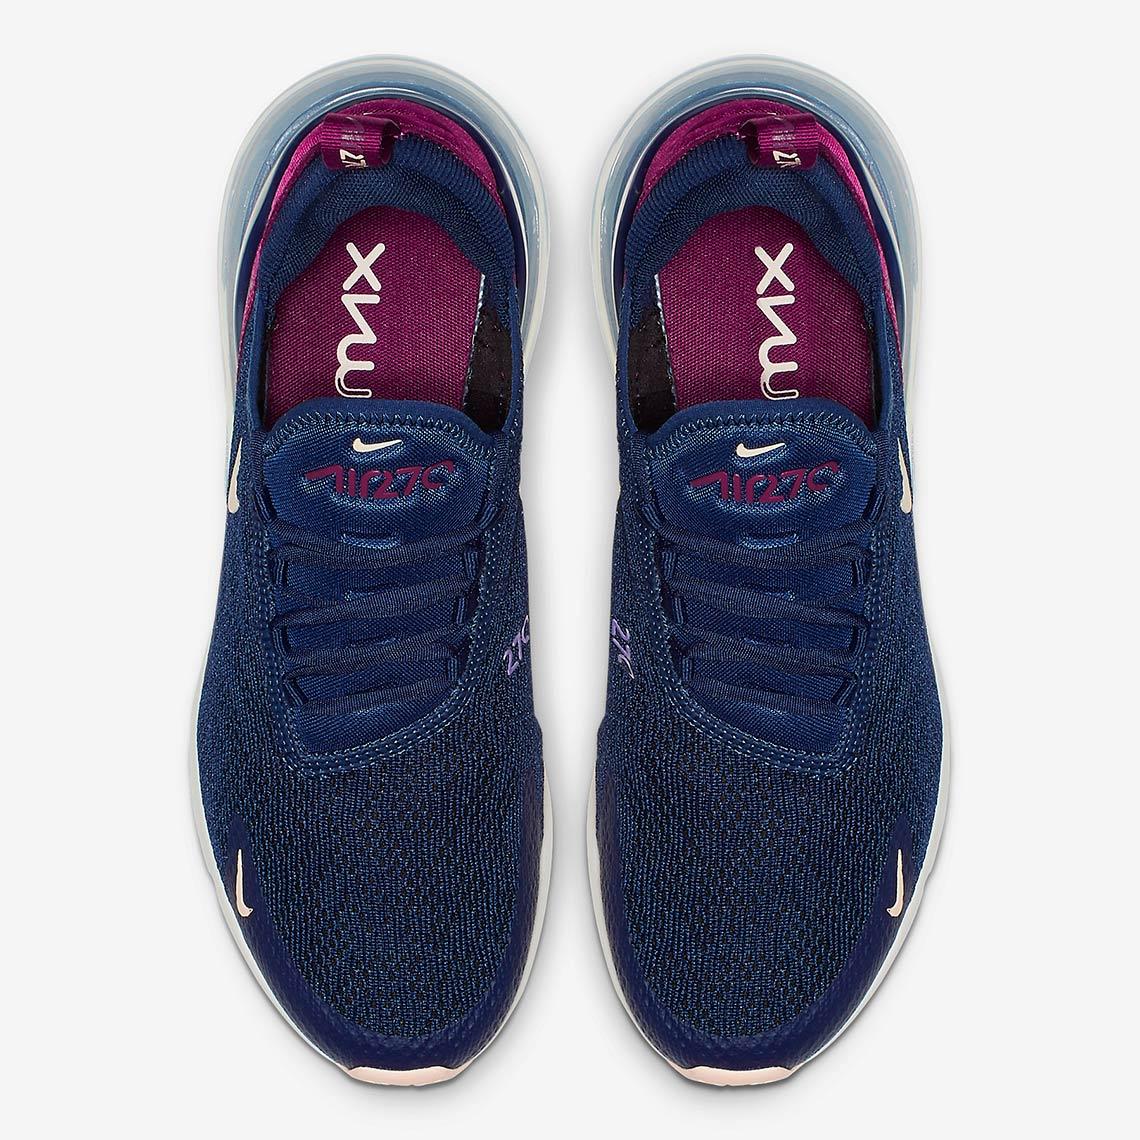 Nike Air Max 270 Blue Void AH6789-402 Release Info  e615e863f